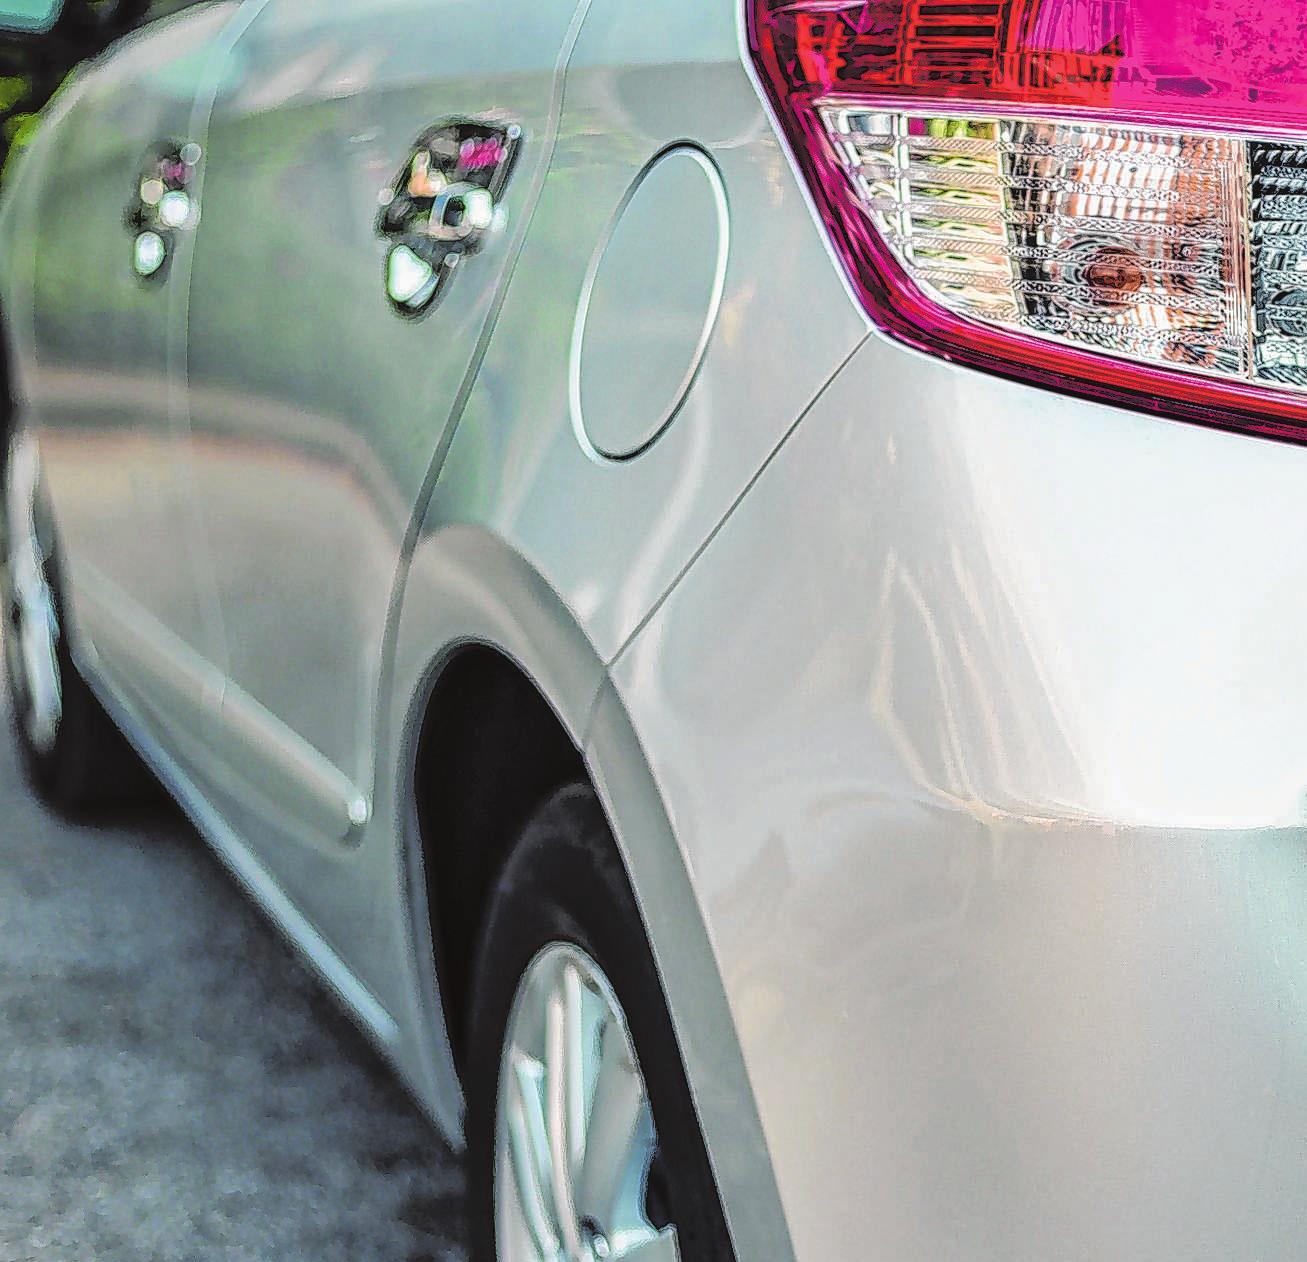 Wer ein anderes Fahrzeug leicht beschädigt, sollte sich keinesfalls vom Unfallort entfernen - sonst drohen empfindliche Strafen. Wenn nach einer längeren Wartezeit der Halter des geschädigten Fahrzeugs nicht auftaucht, muss die Polizei informiert werden. Foto: P.Nandeenopparit/123rf.com